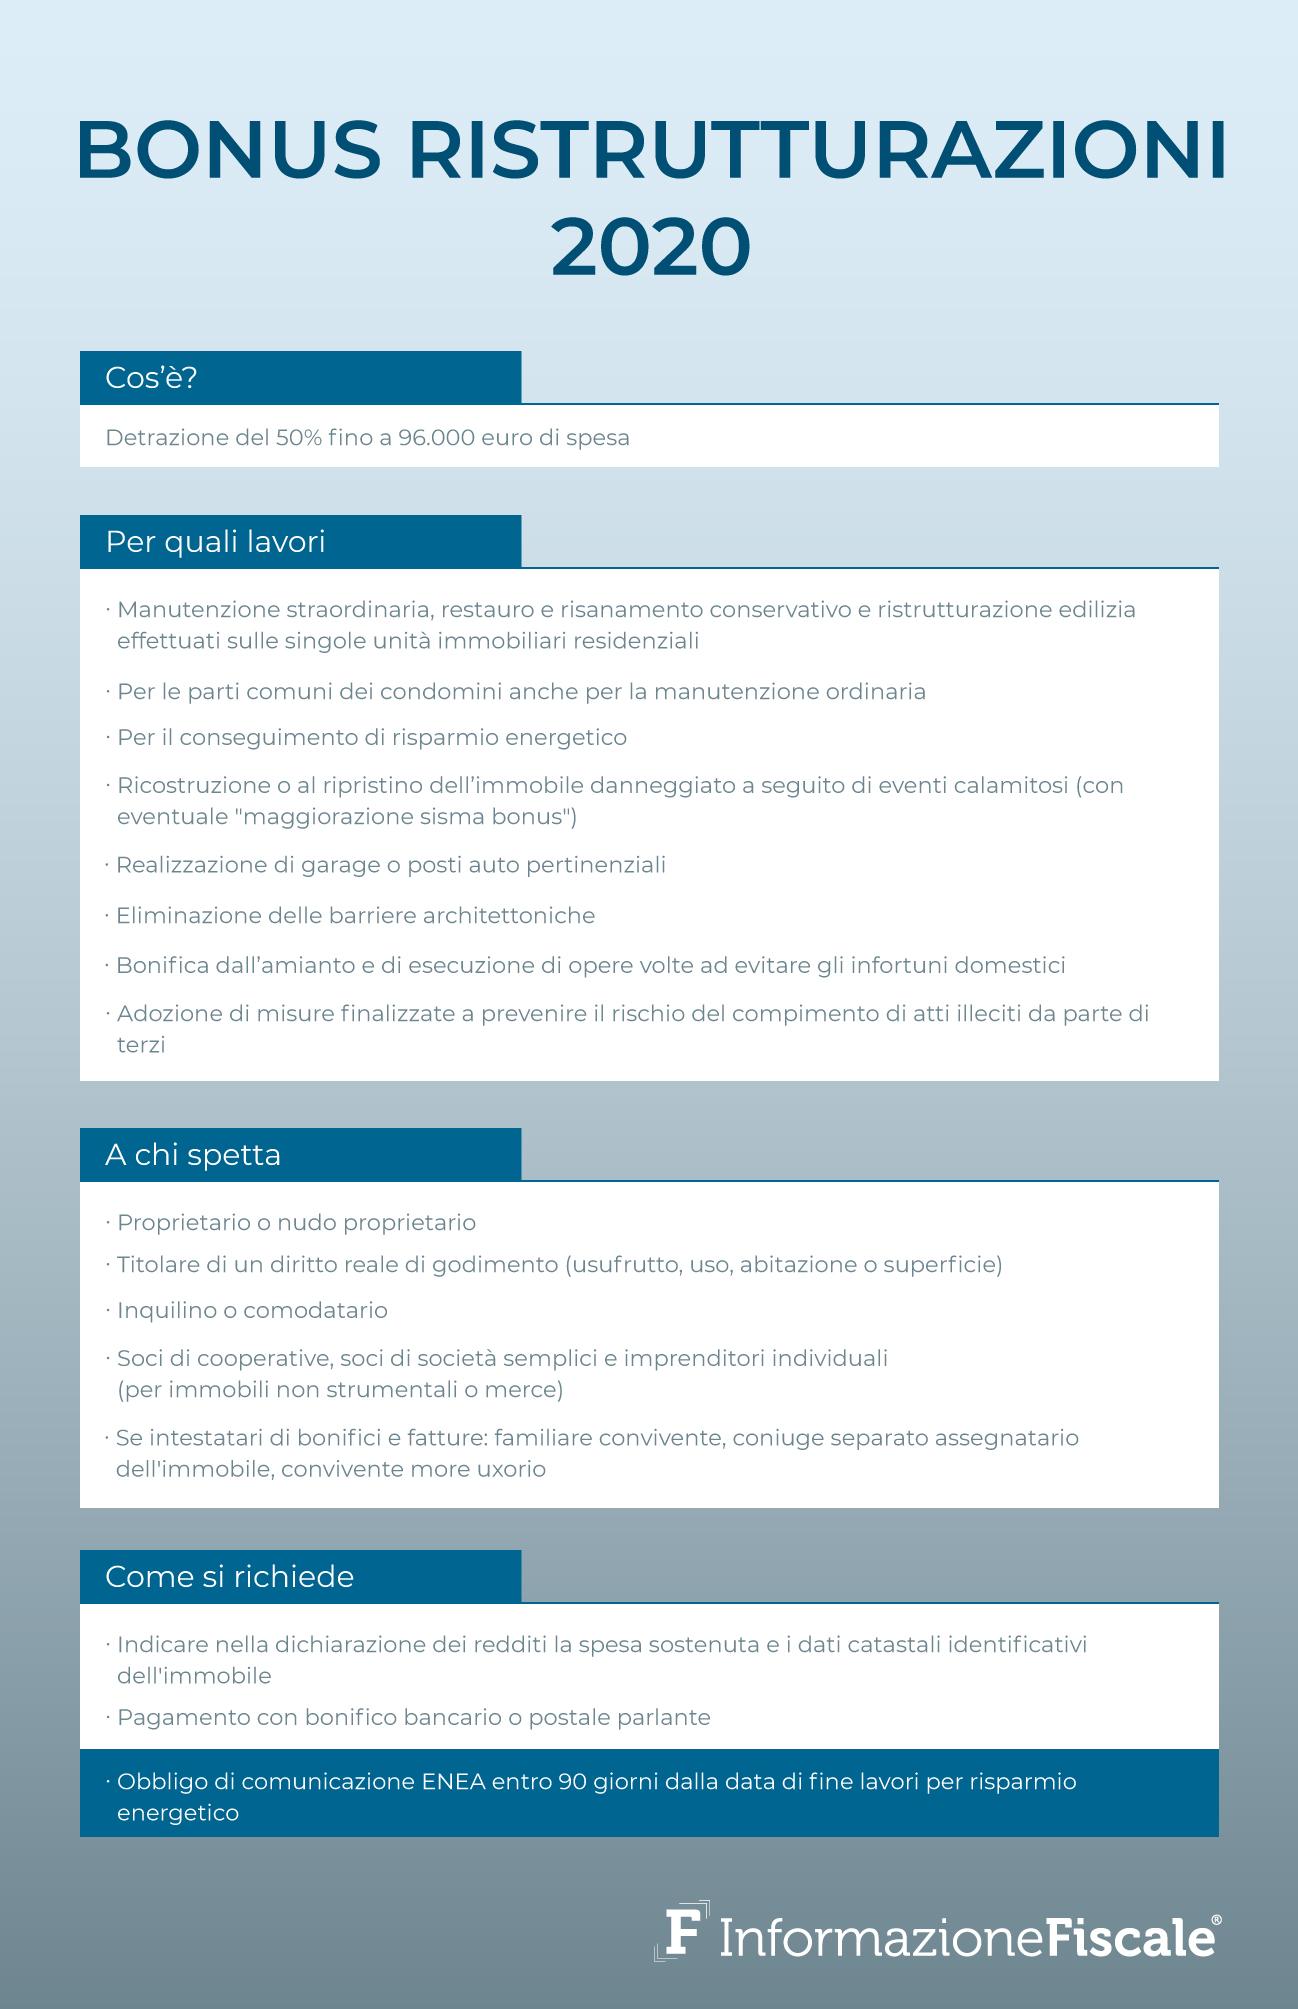 Sostituzione Porte Interne Detrazione bonus ristrutturazioni 2020: lavori ammessi, limiti e come